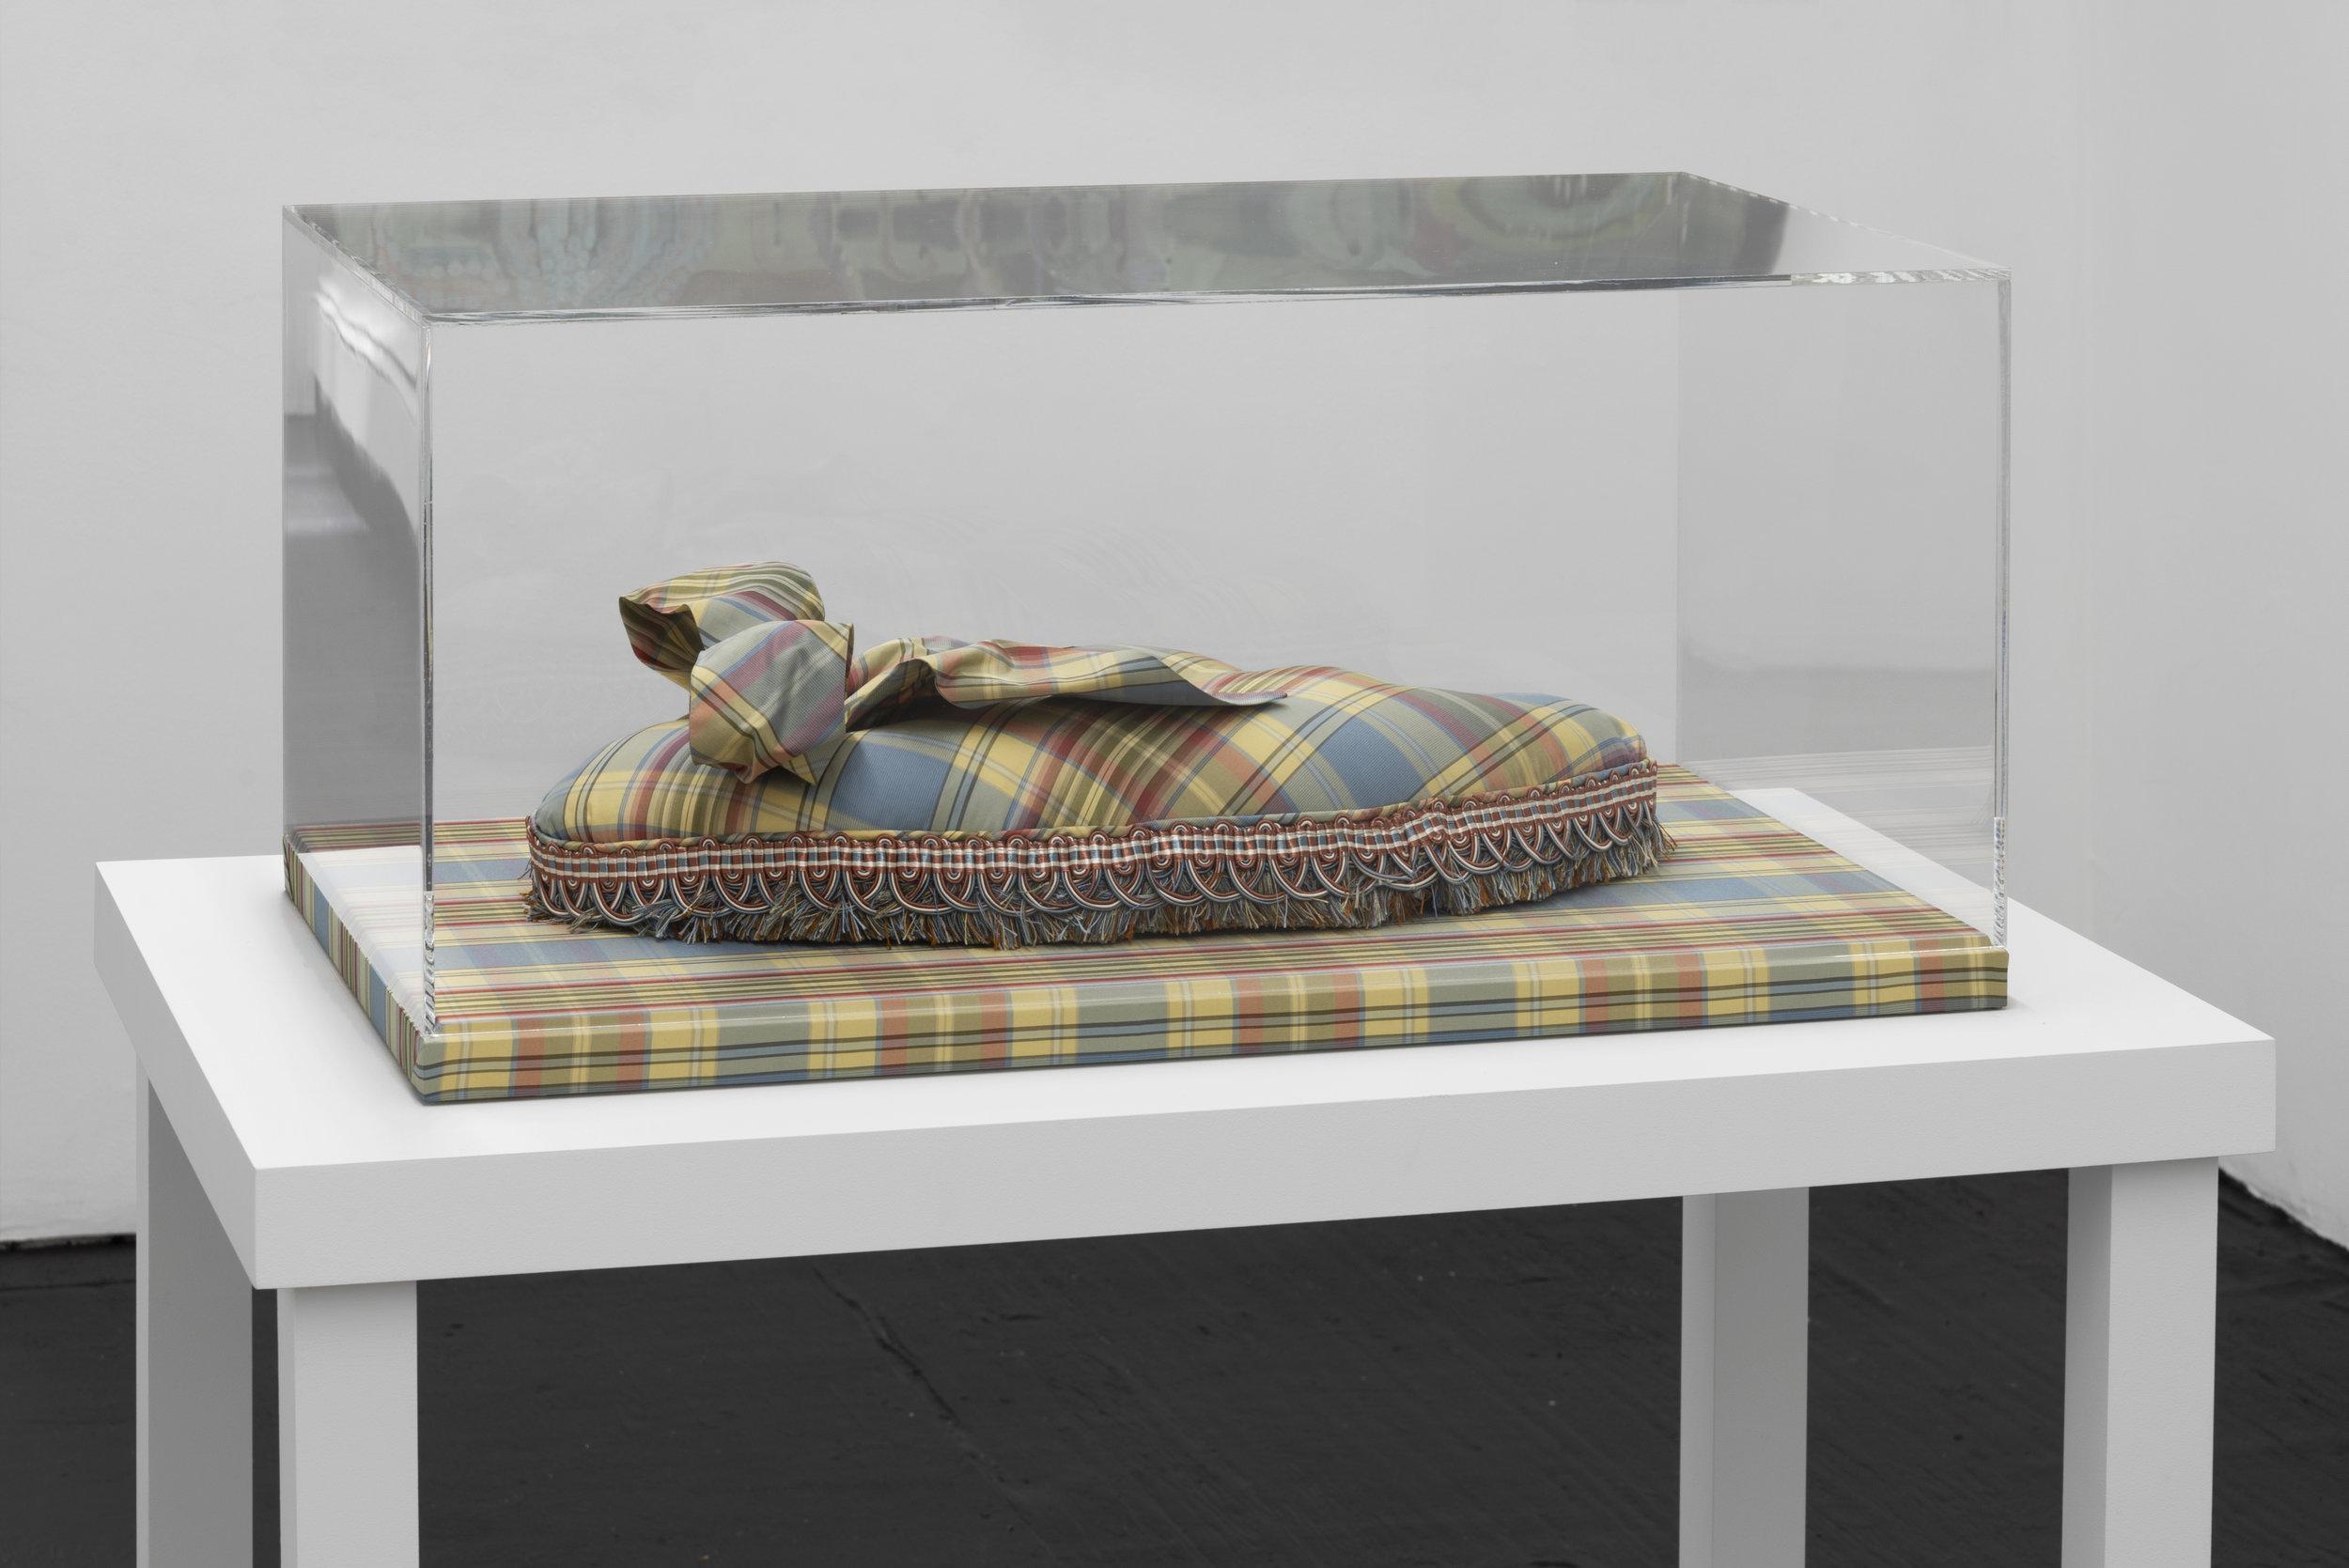 Mitchell Algus,  Doll V,  2018, Fabric and trim in acrylic vitrine, 13 x 29 x 18 in